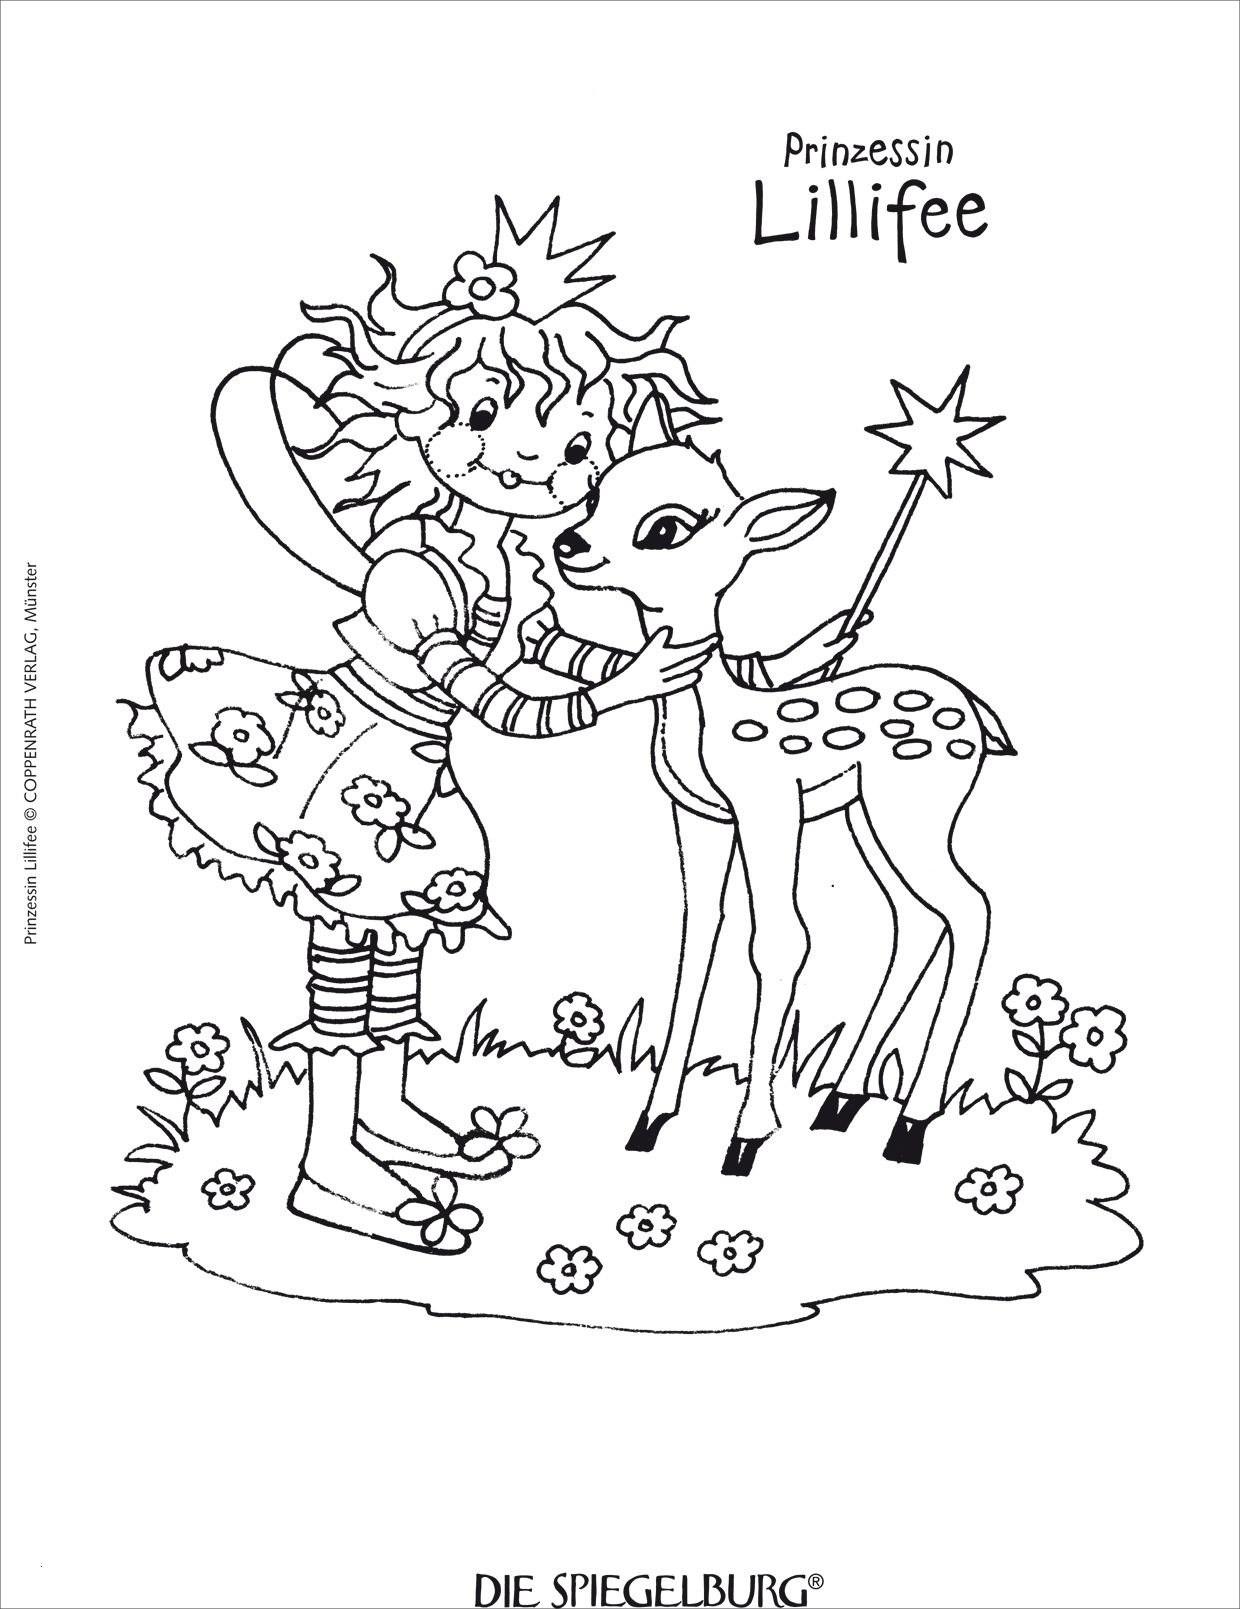 Sofia Die Erste Ausmalbild Inspirierend 45 Schön Prinzessin Lillifee Ausmalbilder Zum Ausdrucken Kostenlos Galerie